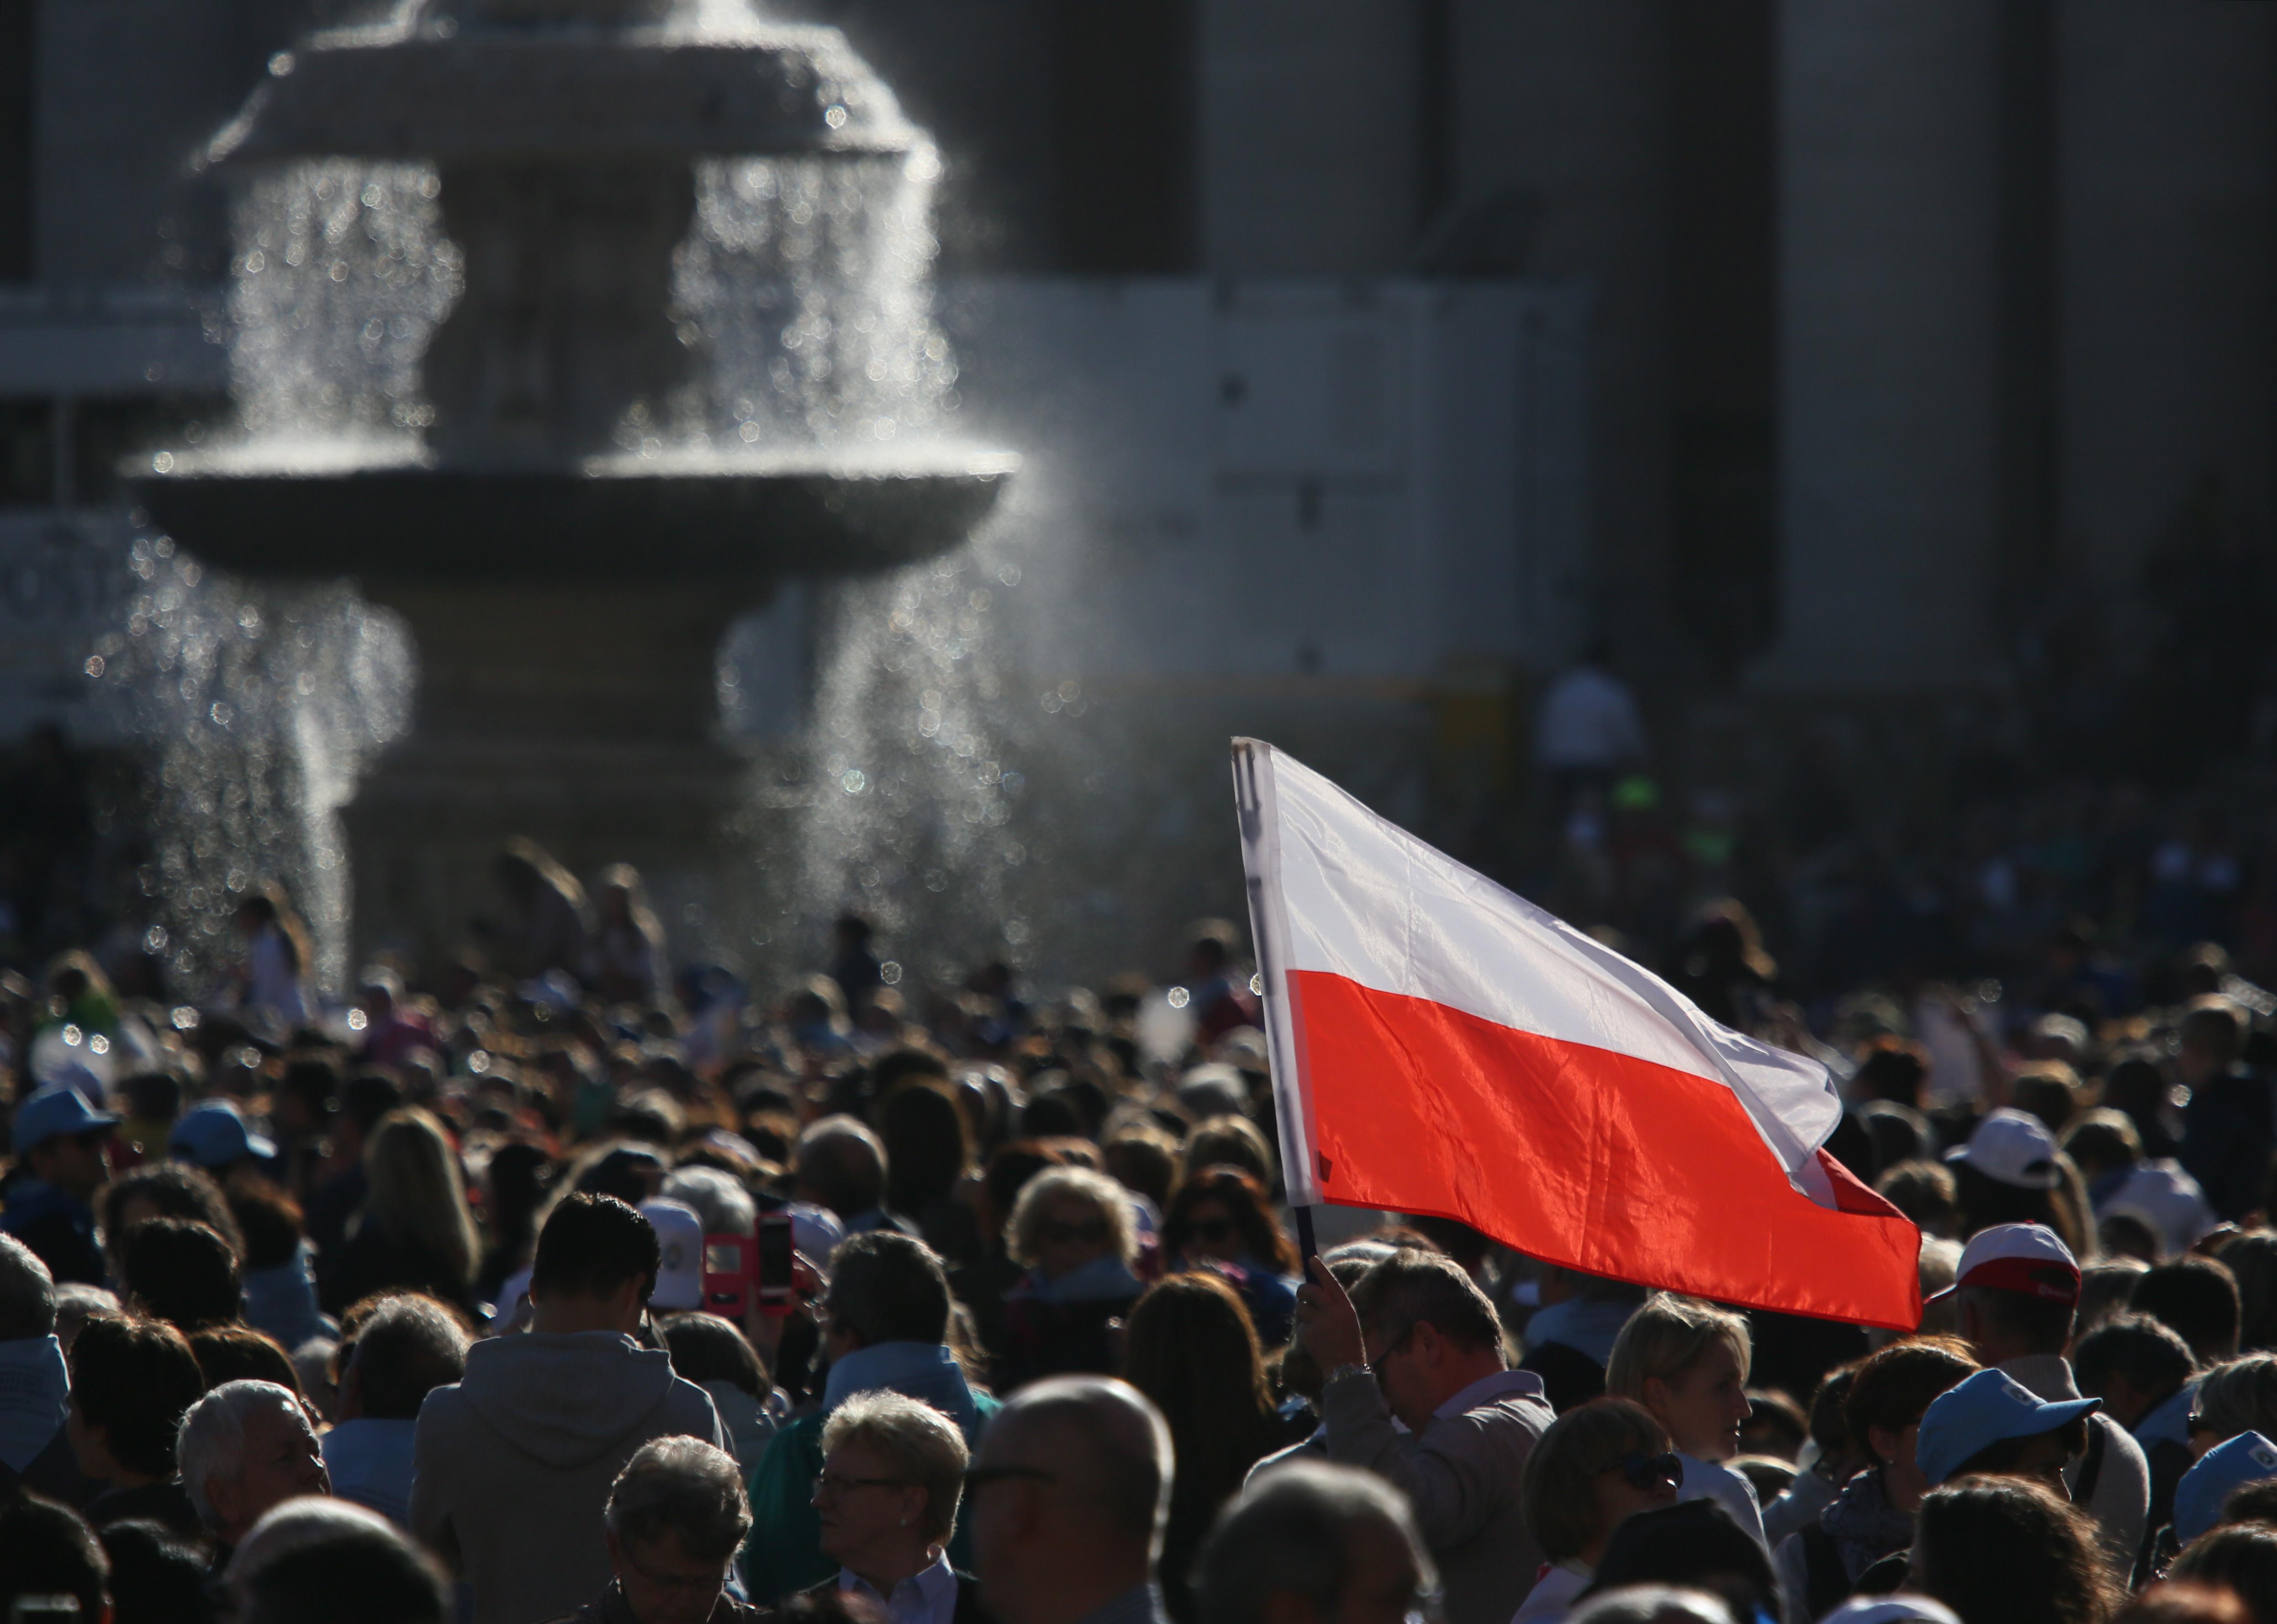 Trzeci dzień Narodowej Pielgrzymki. Polacy uczestniczyli w audiencji generalnej papieża Franciszka (fot. Leszek Szymański/PAP)